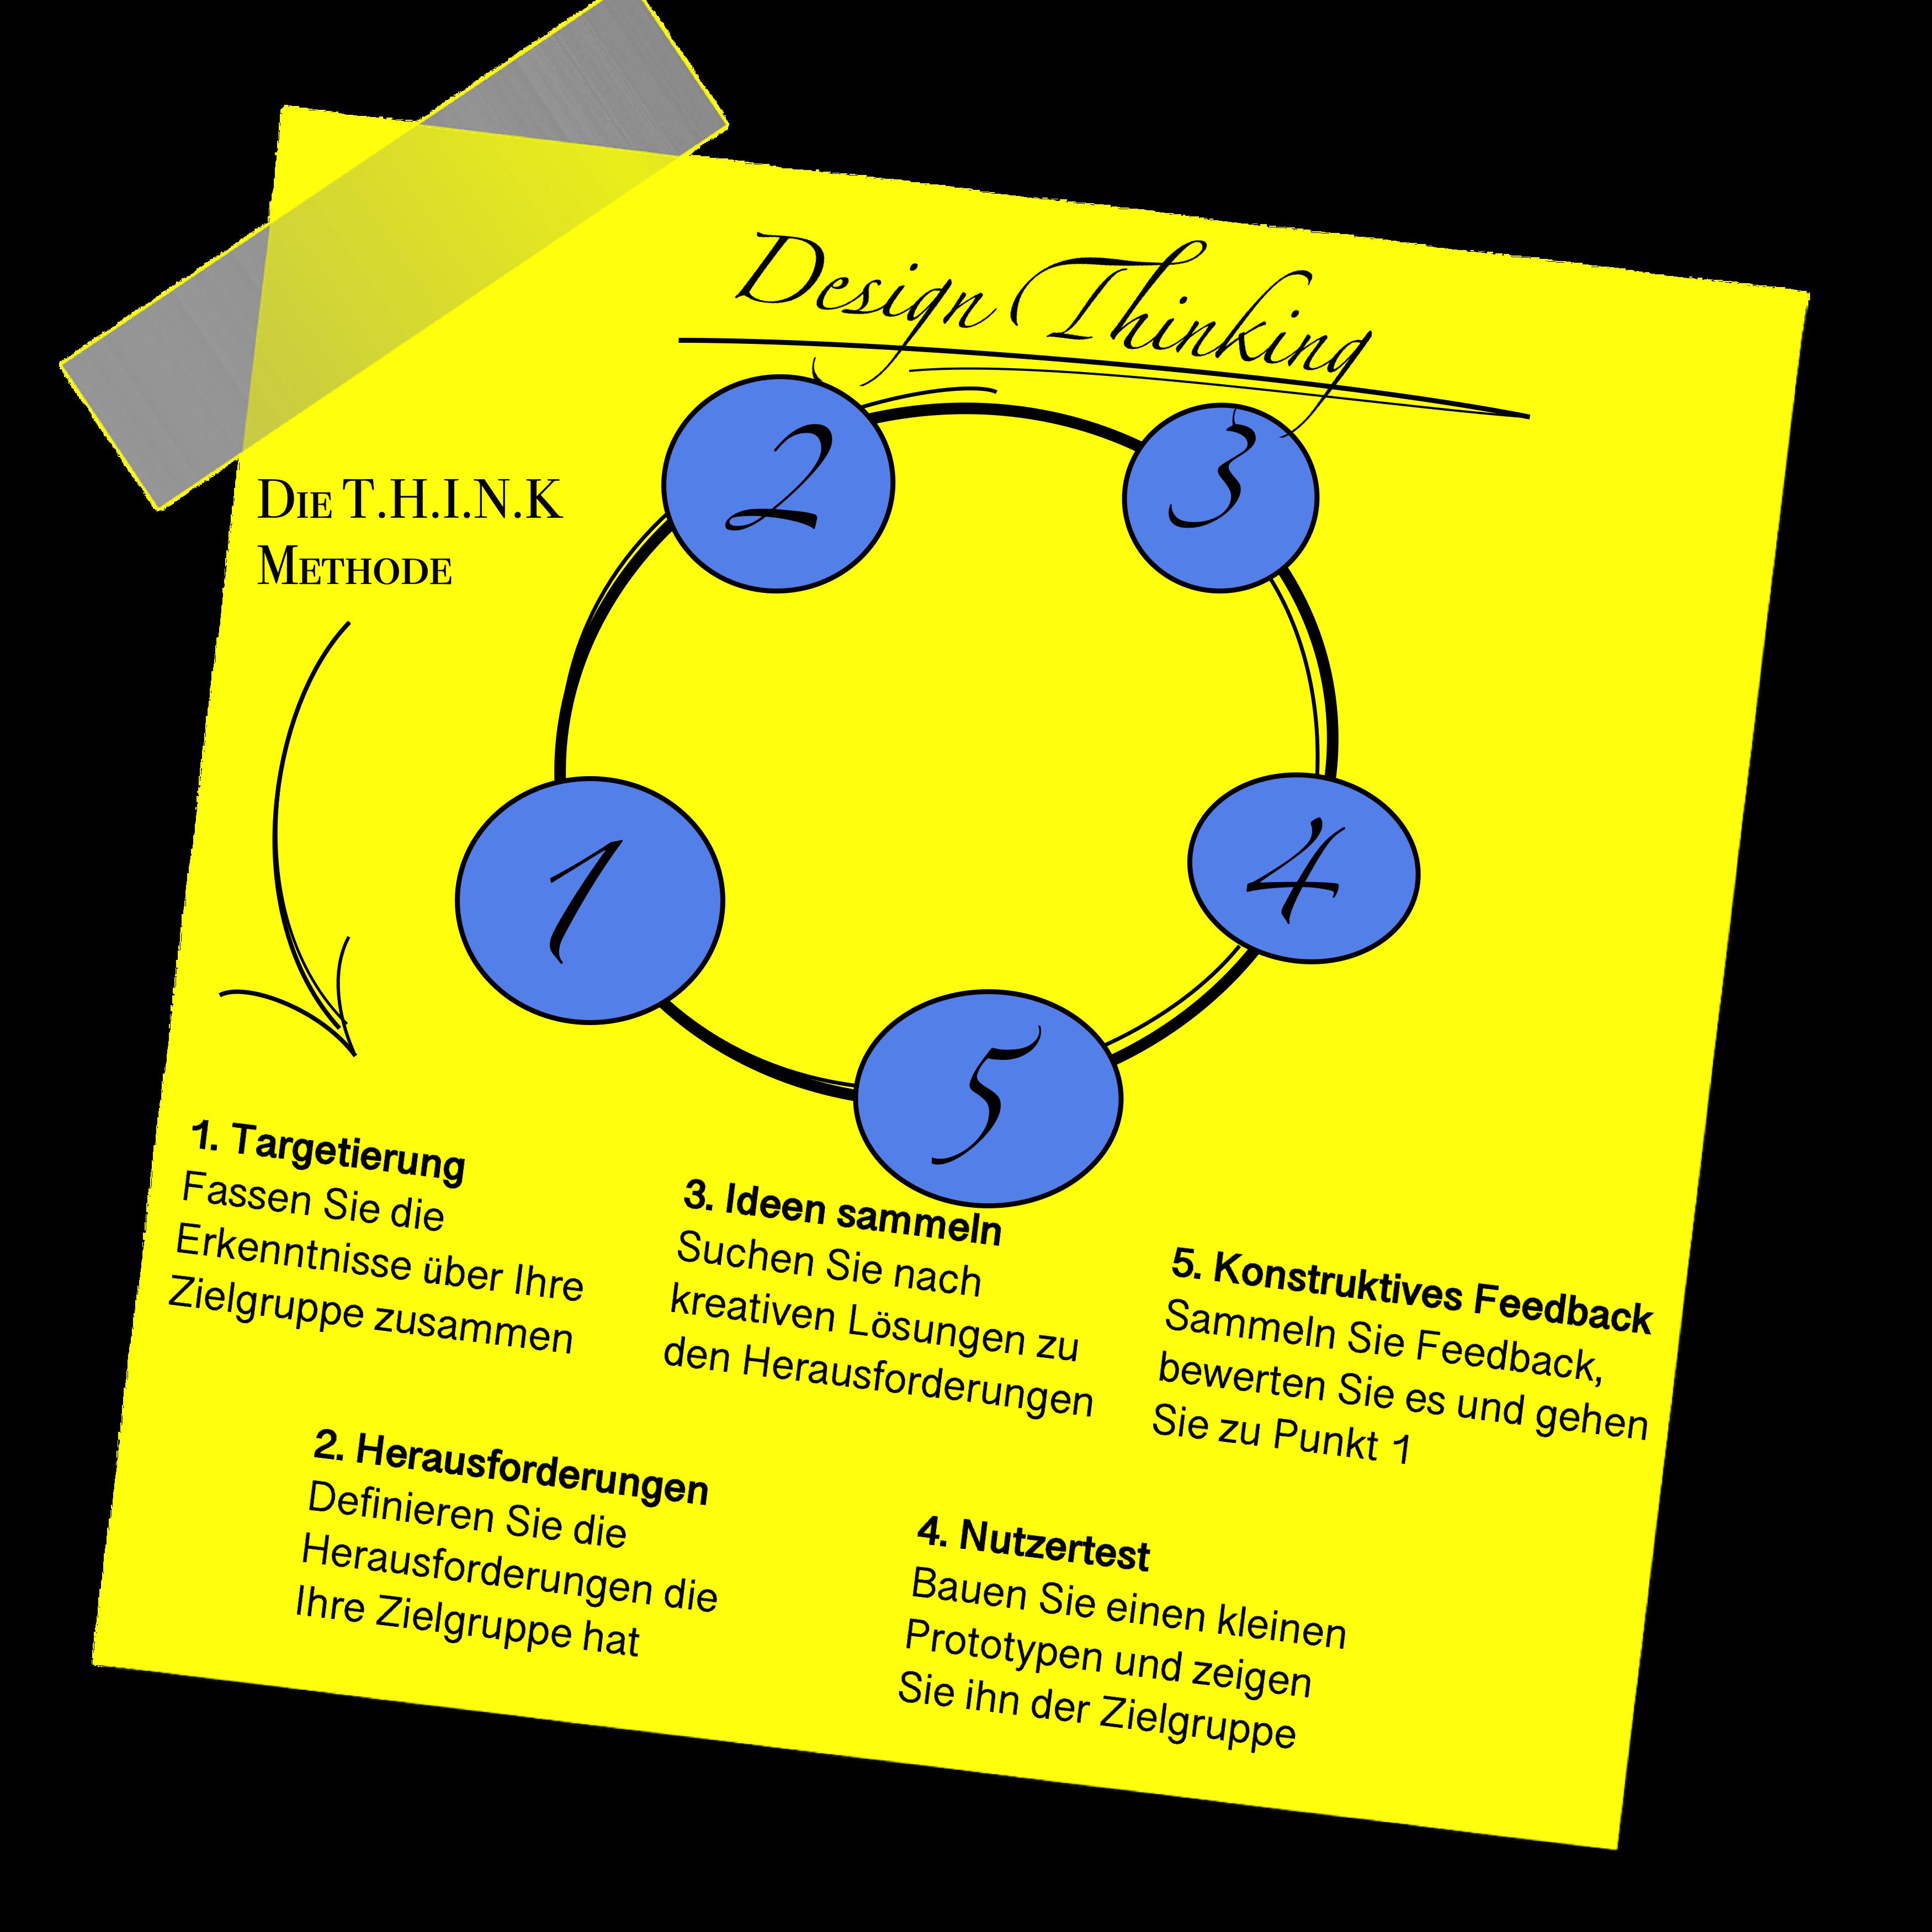 Design Thinking mit der Think-Methode